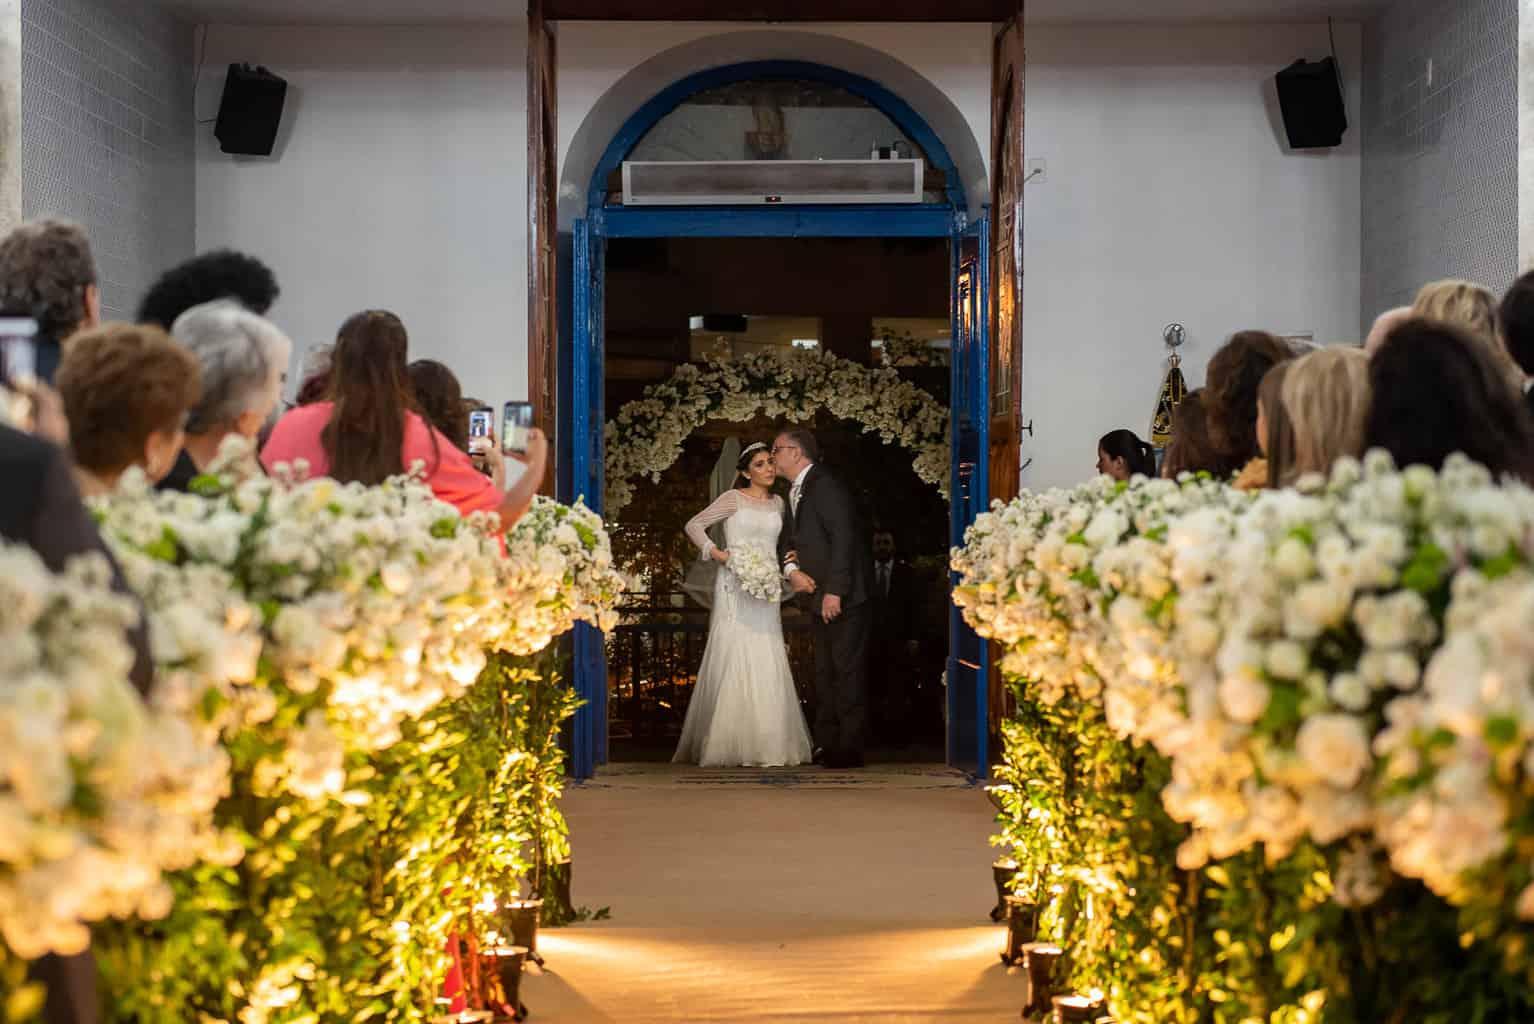 casamento-luiza-e-gustavo-cerimonia-na-igreja-cerimonial-casamento-de-ideias-decoracao-fotografia-lenine-serejo-Igreja-Nossa-Senhora-da-Conceicao16